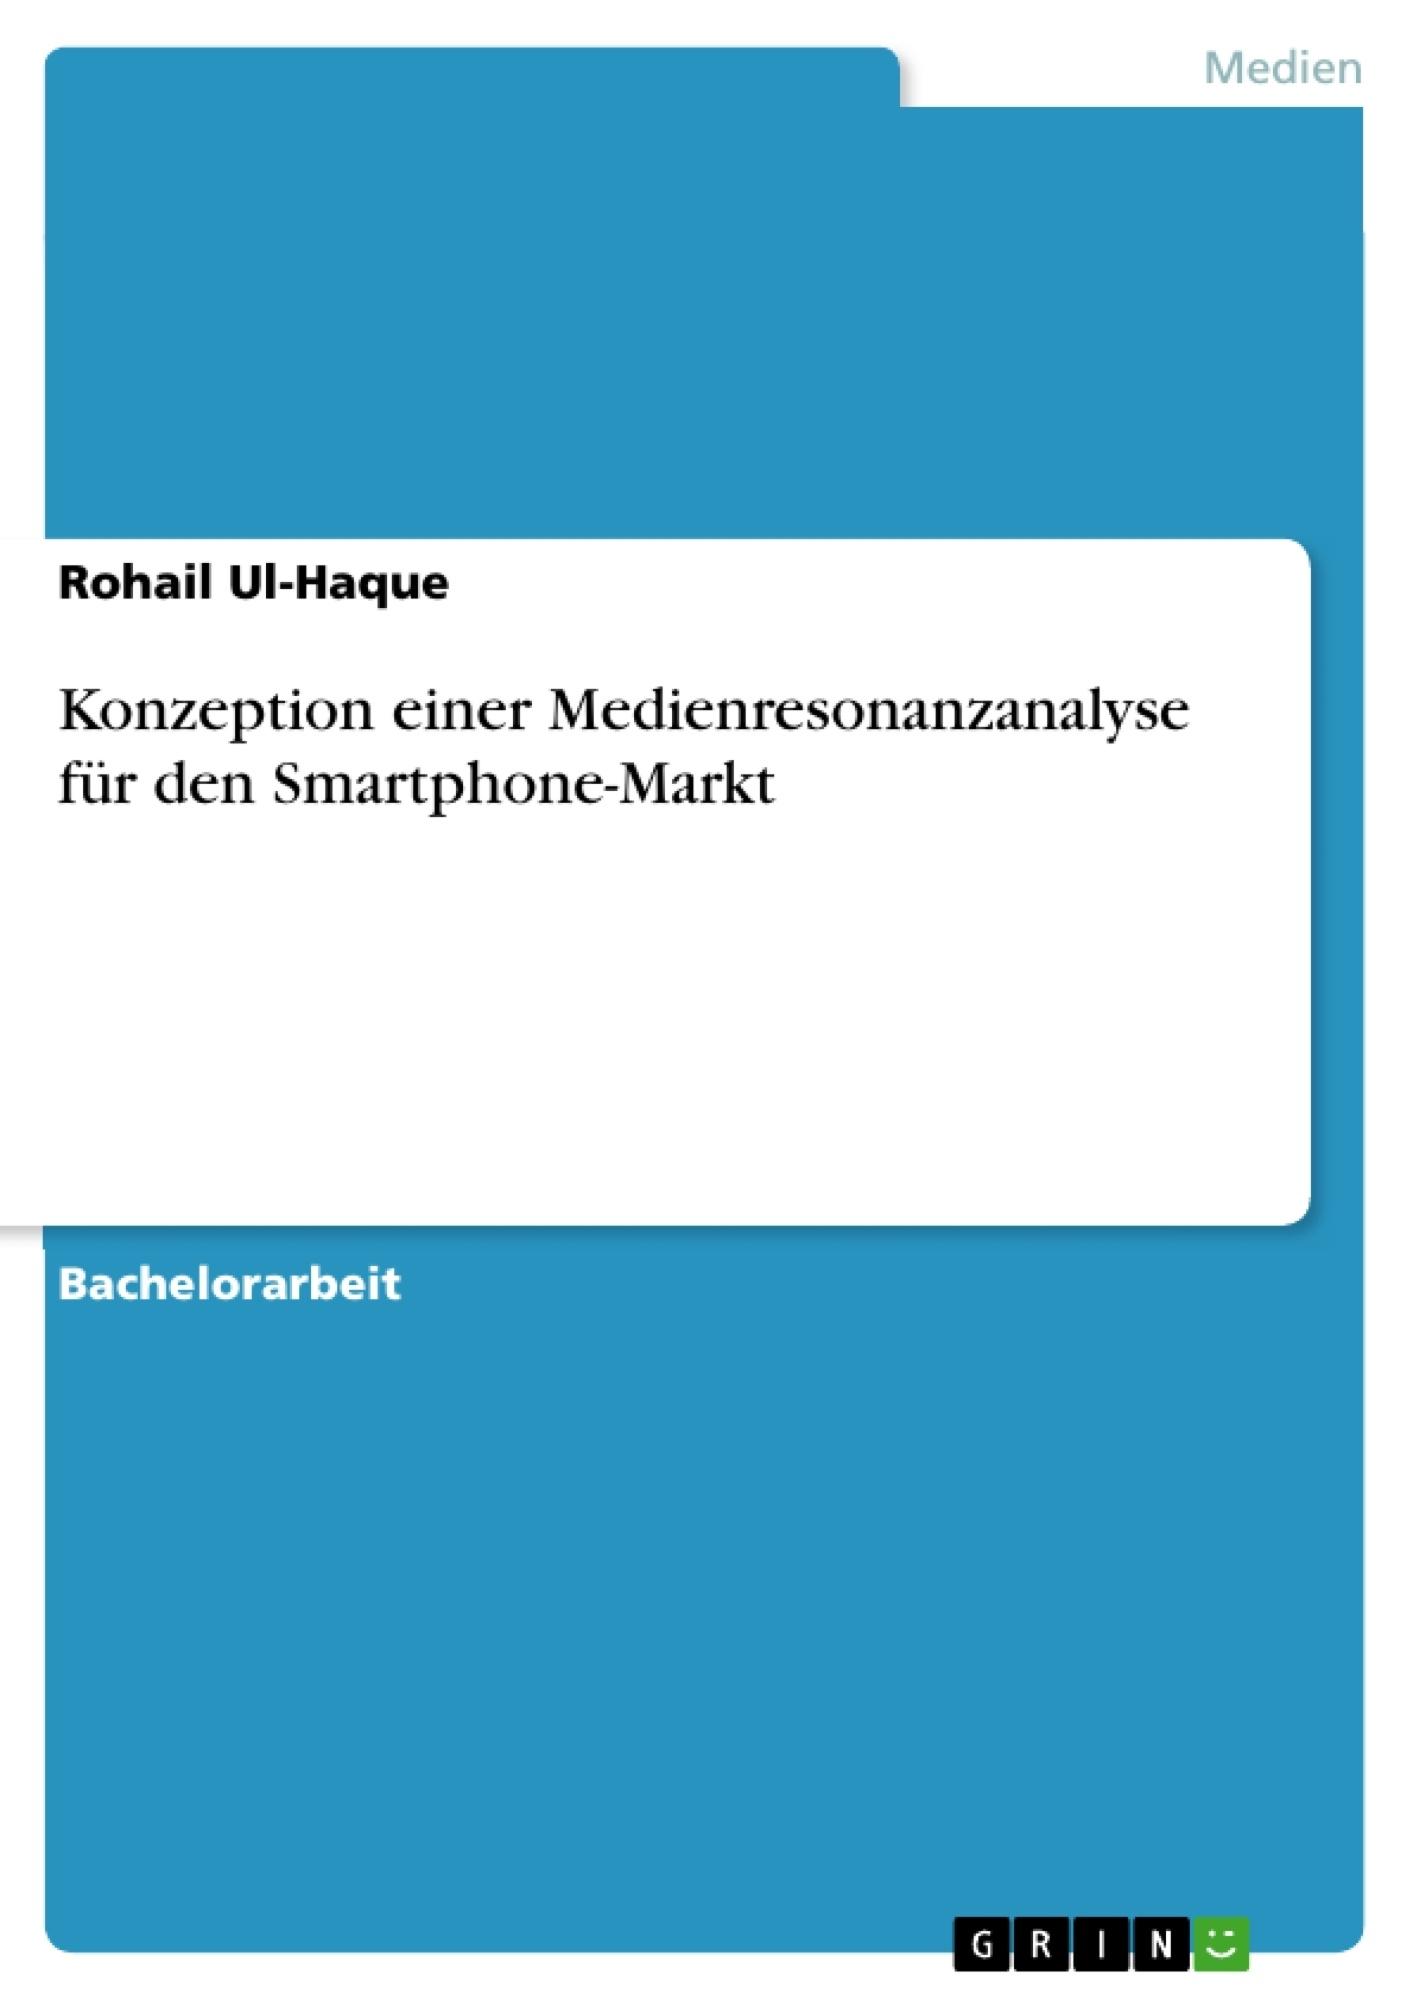 Titel: Konzeption einer Medienresonanzanalyse für den Smartphone-Markt